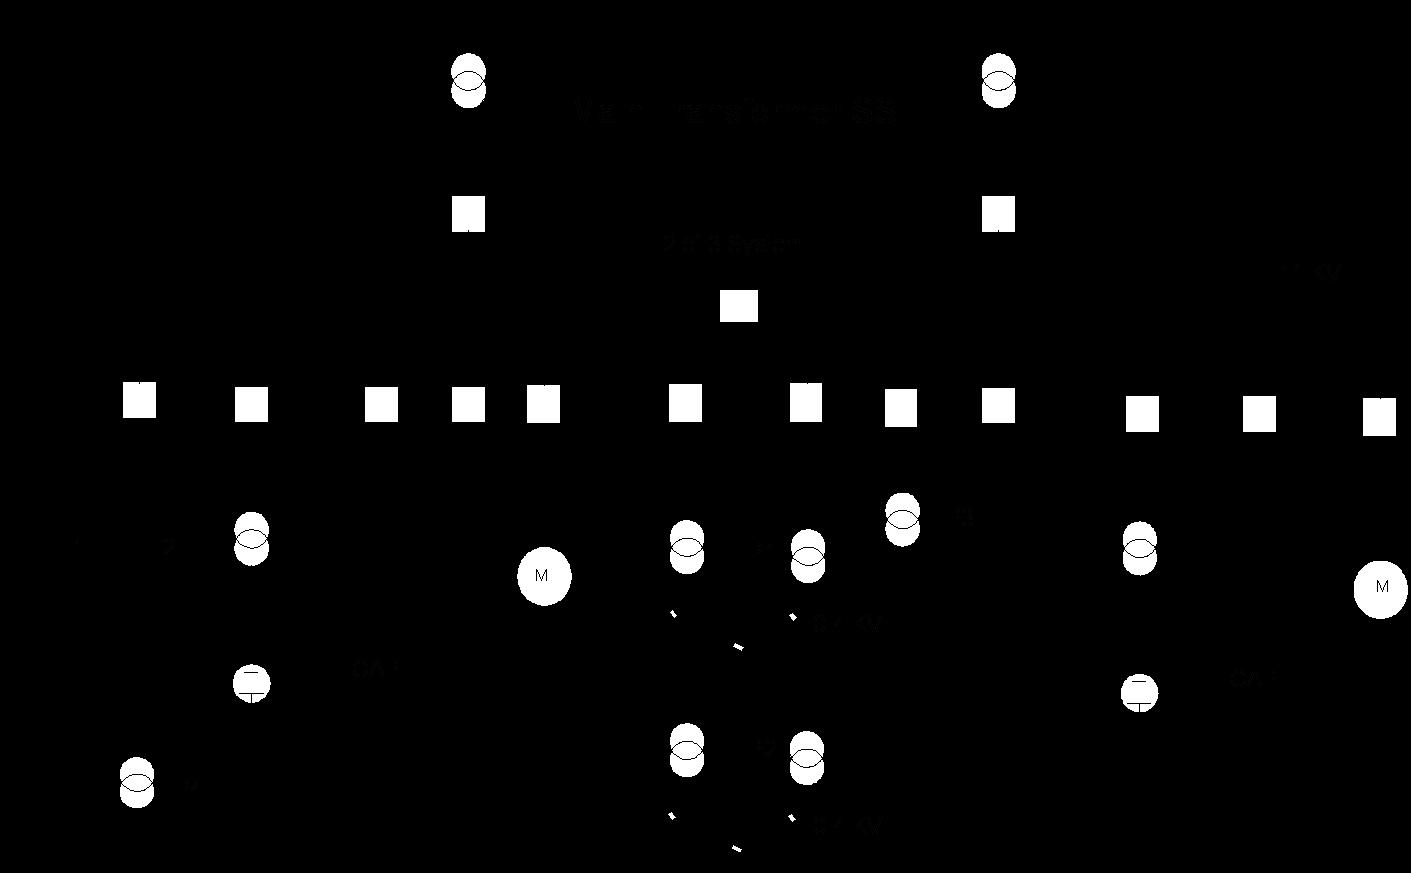 مخطط شبكة توزيع إشعاعية بمرحلة توزيع واحدة